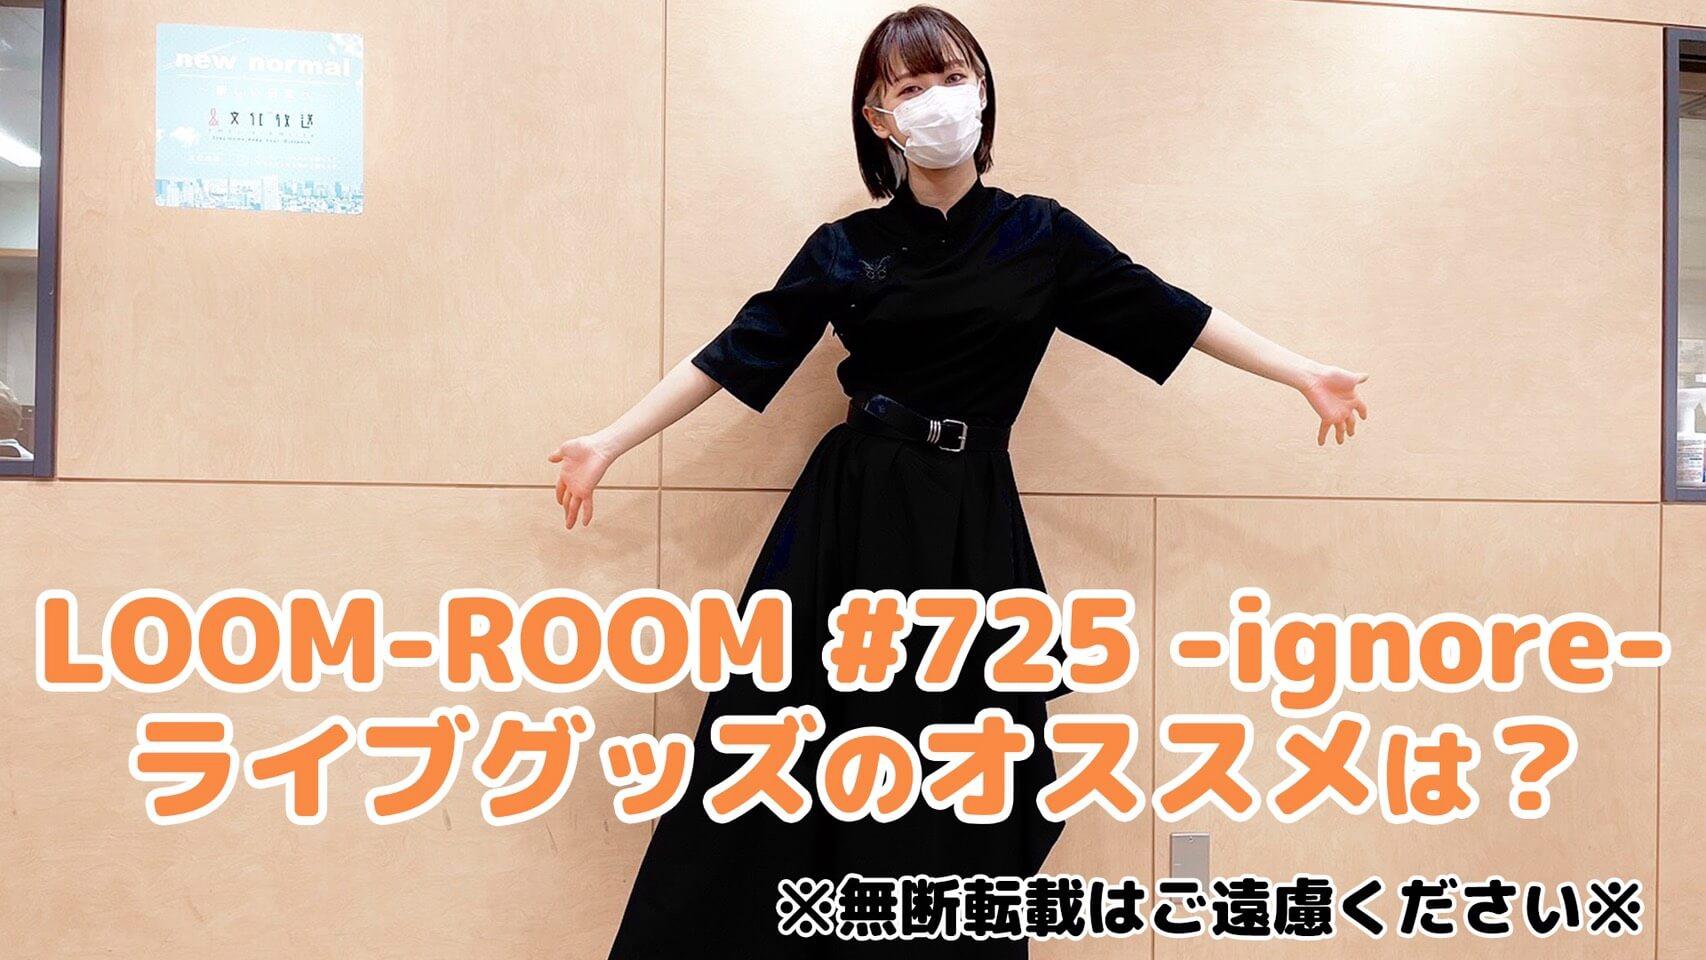 【楠木ともりThe Music Reverie】「LOOM-ROOM #725 -ignore-」ライブグッズのオススメは?